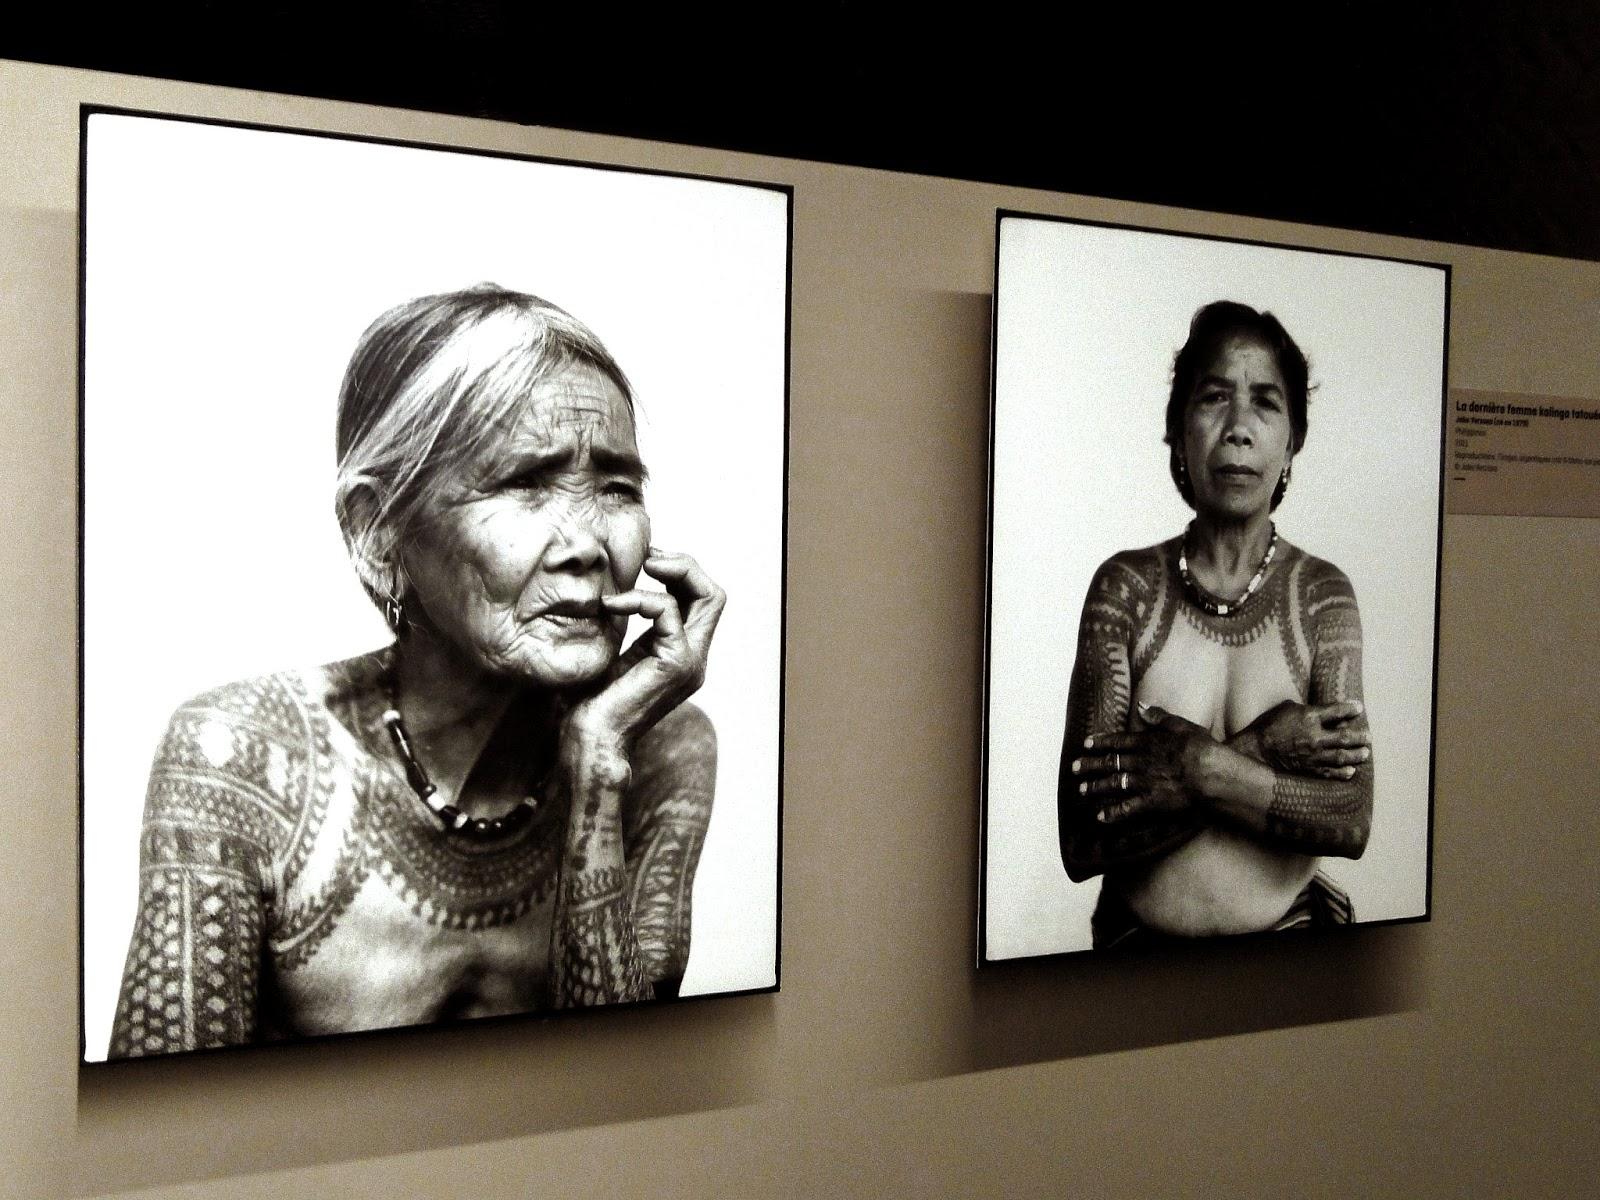 Comment se tatouer soi même Tattoo Tribal - Comment Faire Un Tatouage Seul